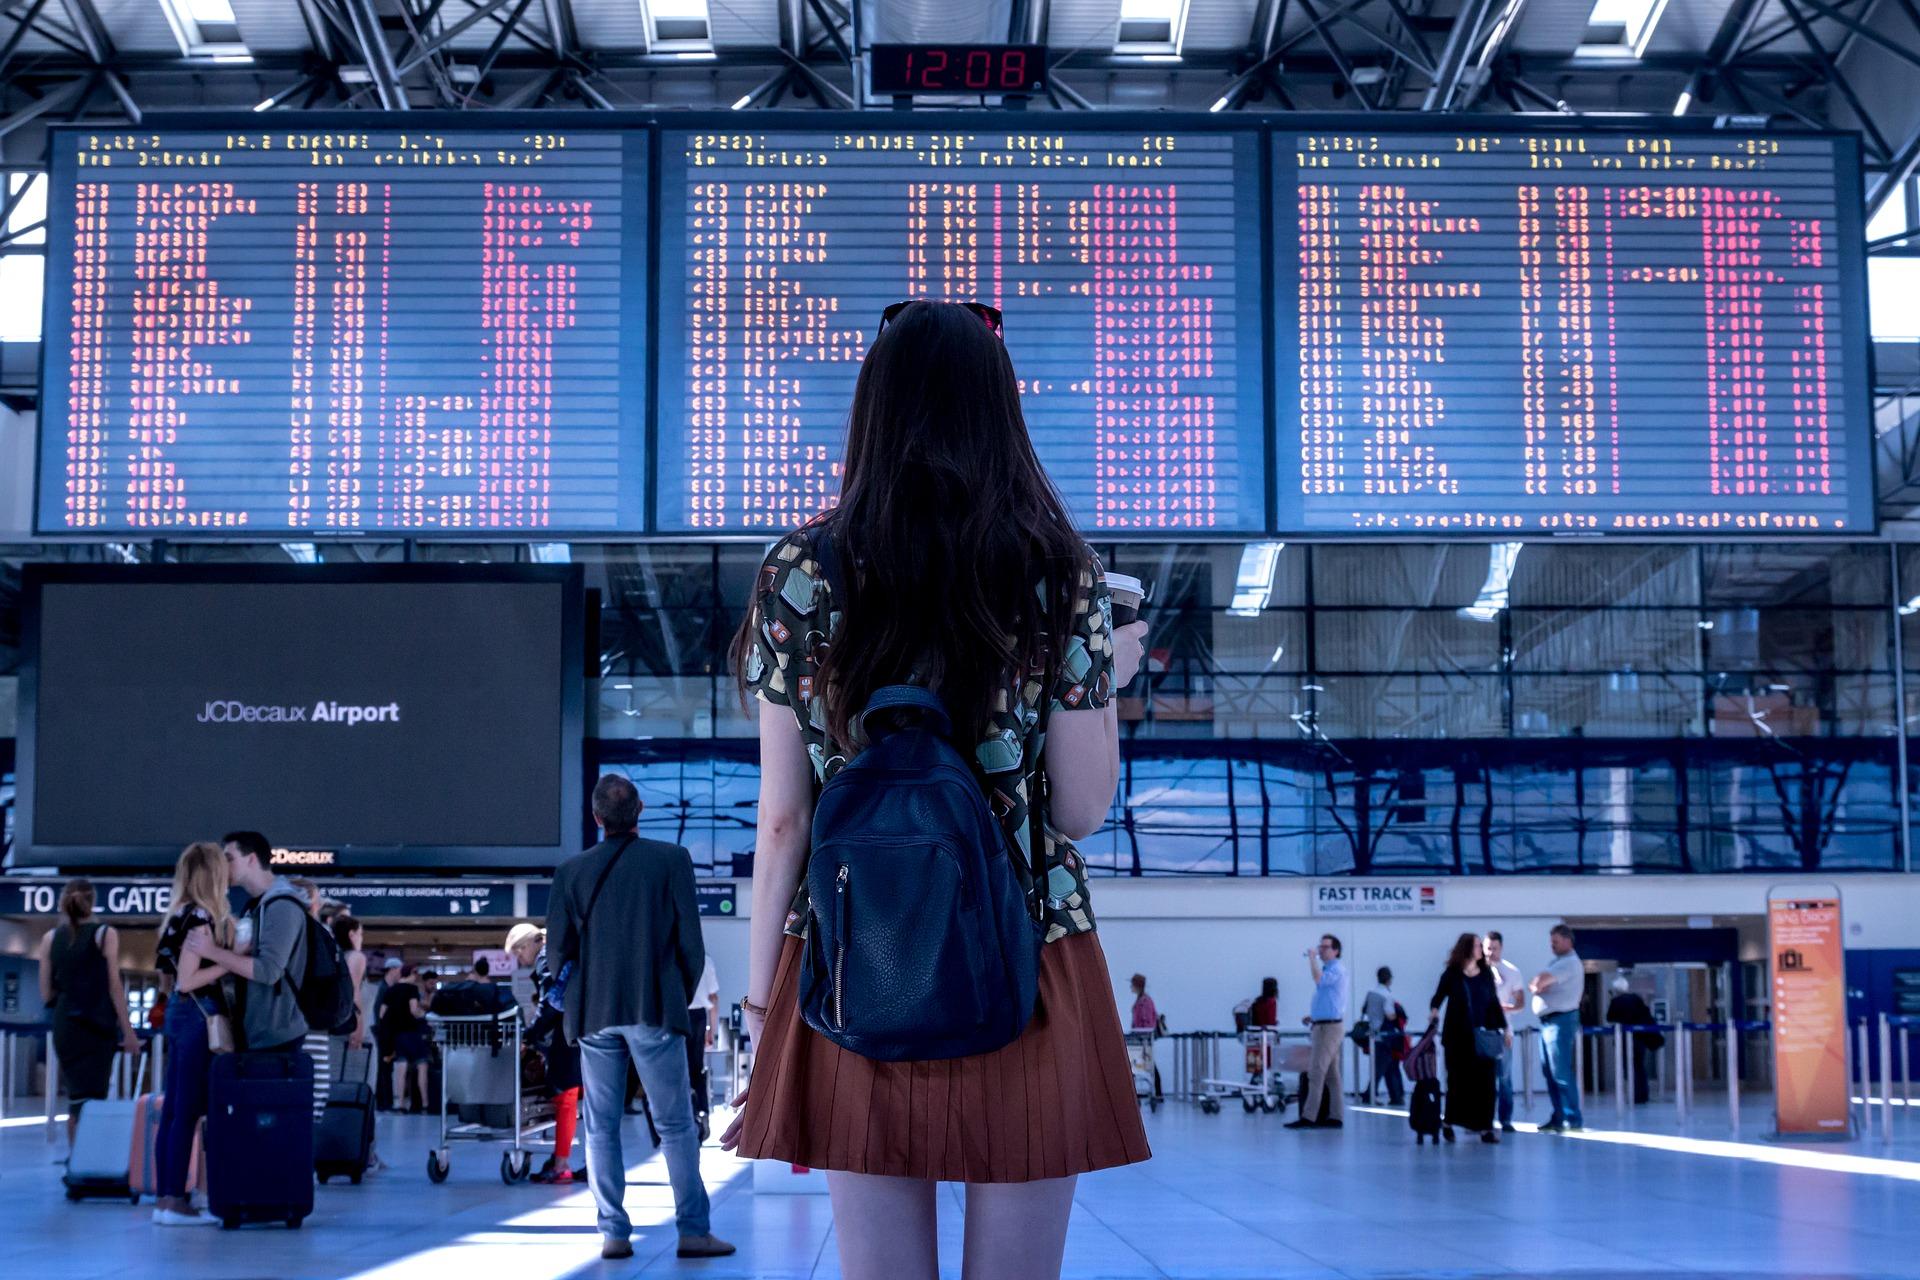 Aeroportos: Governo arrecada R$ 2,377 bi em leilão dominado por estrangeiros